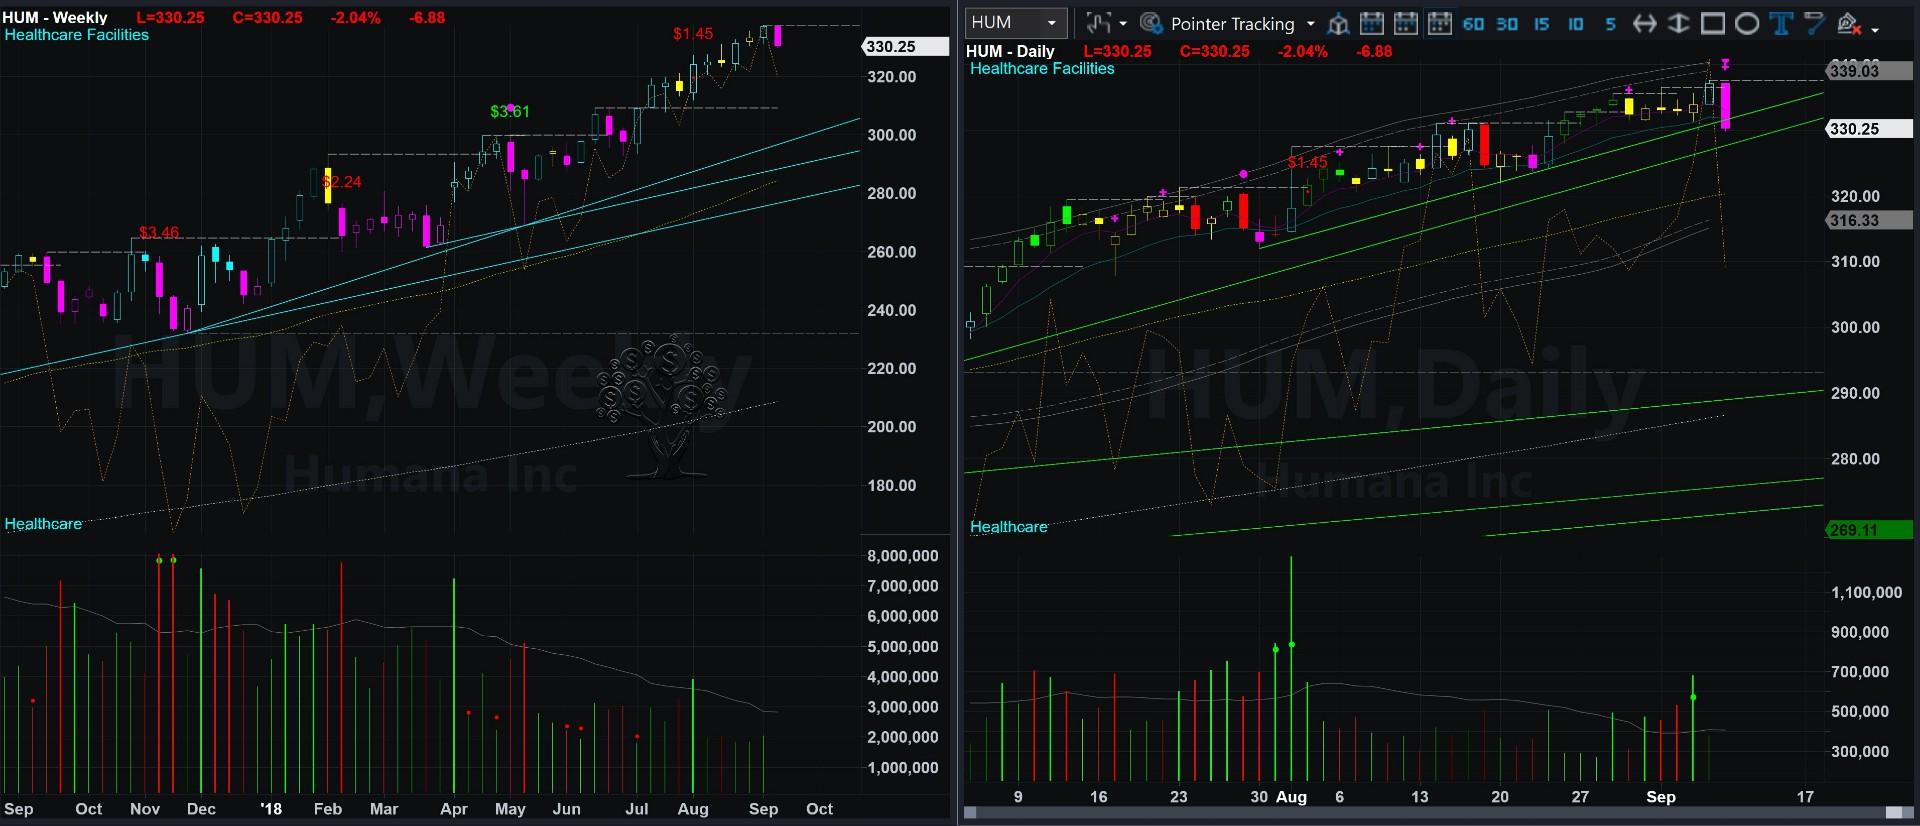 HUM chart 2018-09-10_12-00-55.jpg